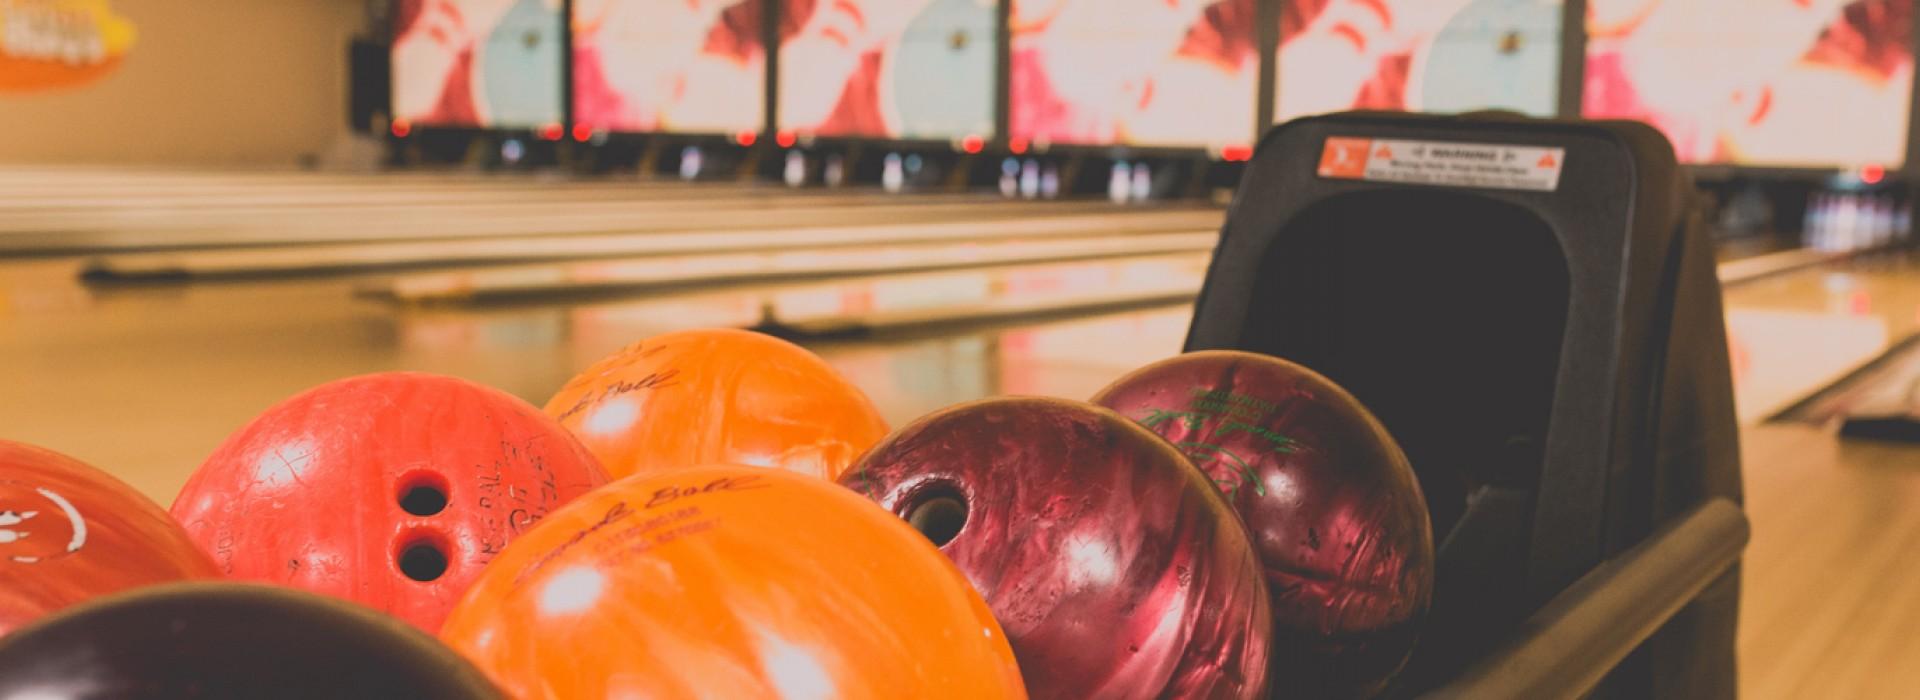 Venez au bowling en famille et entre amis !